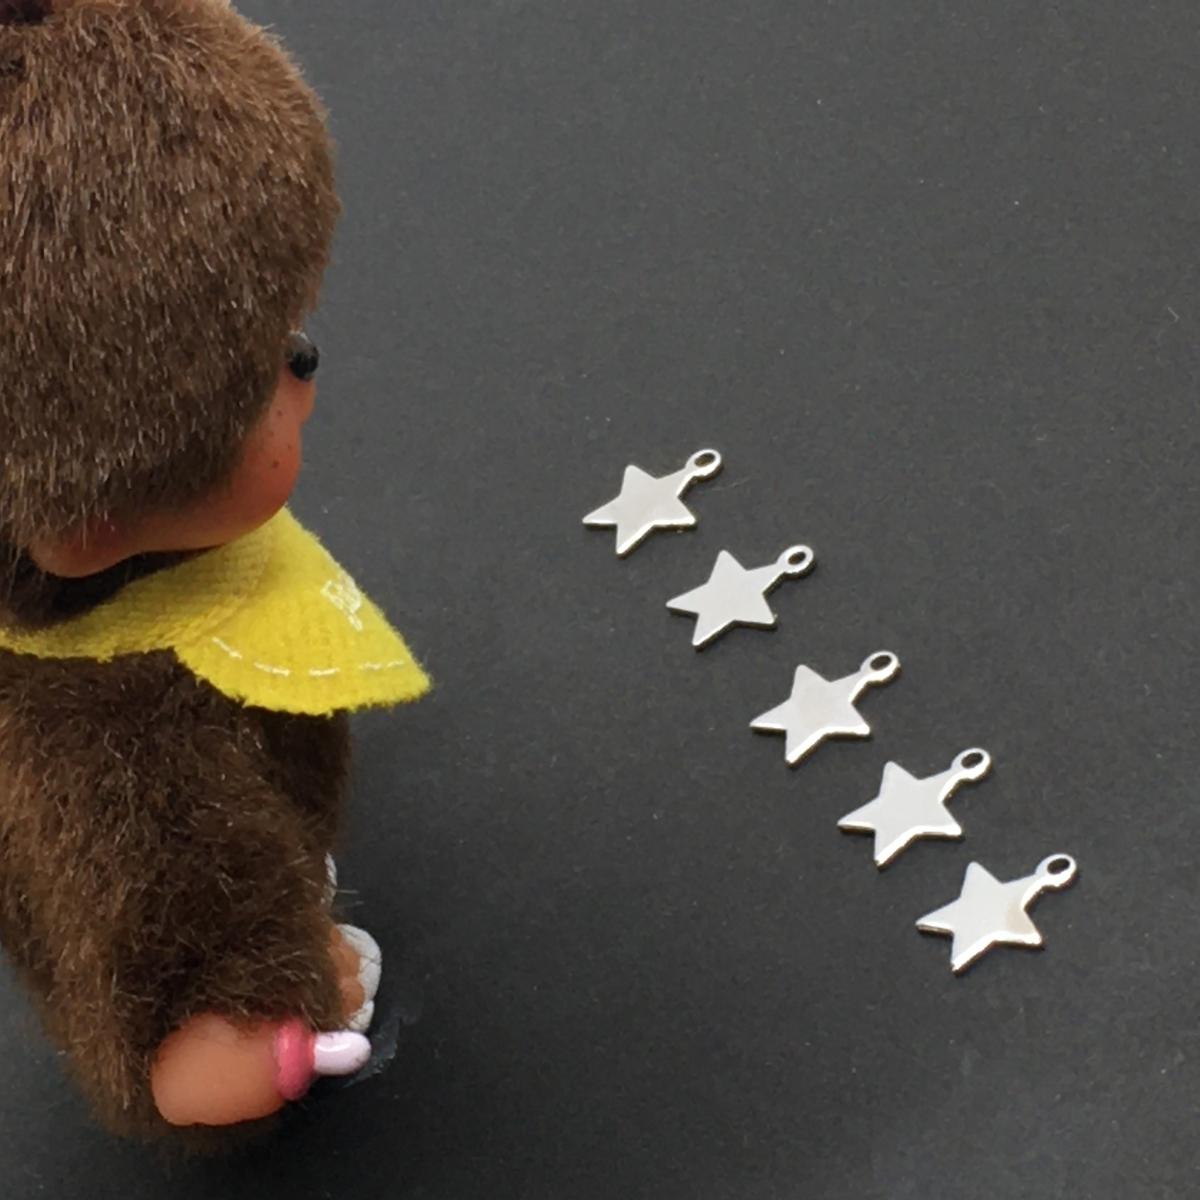 はてなブログのはてなスター星の数を数えるモンチッチ